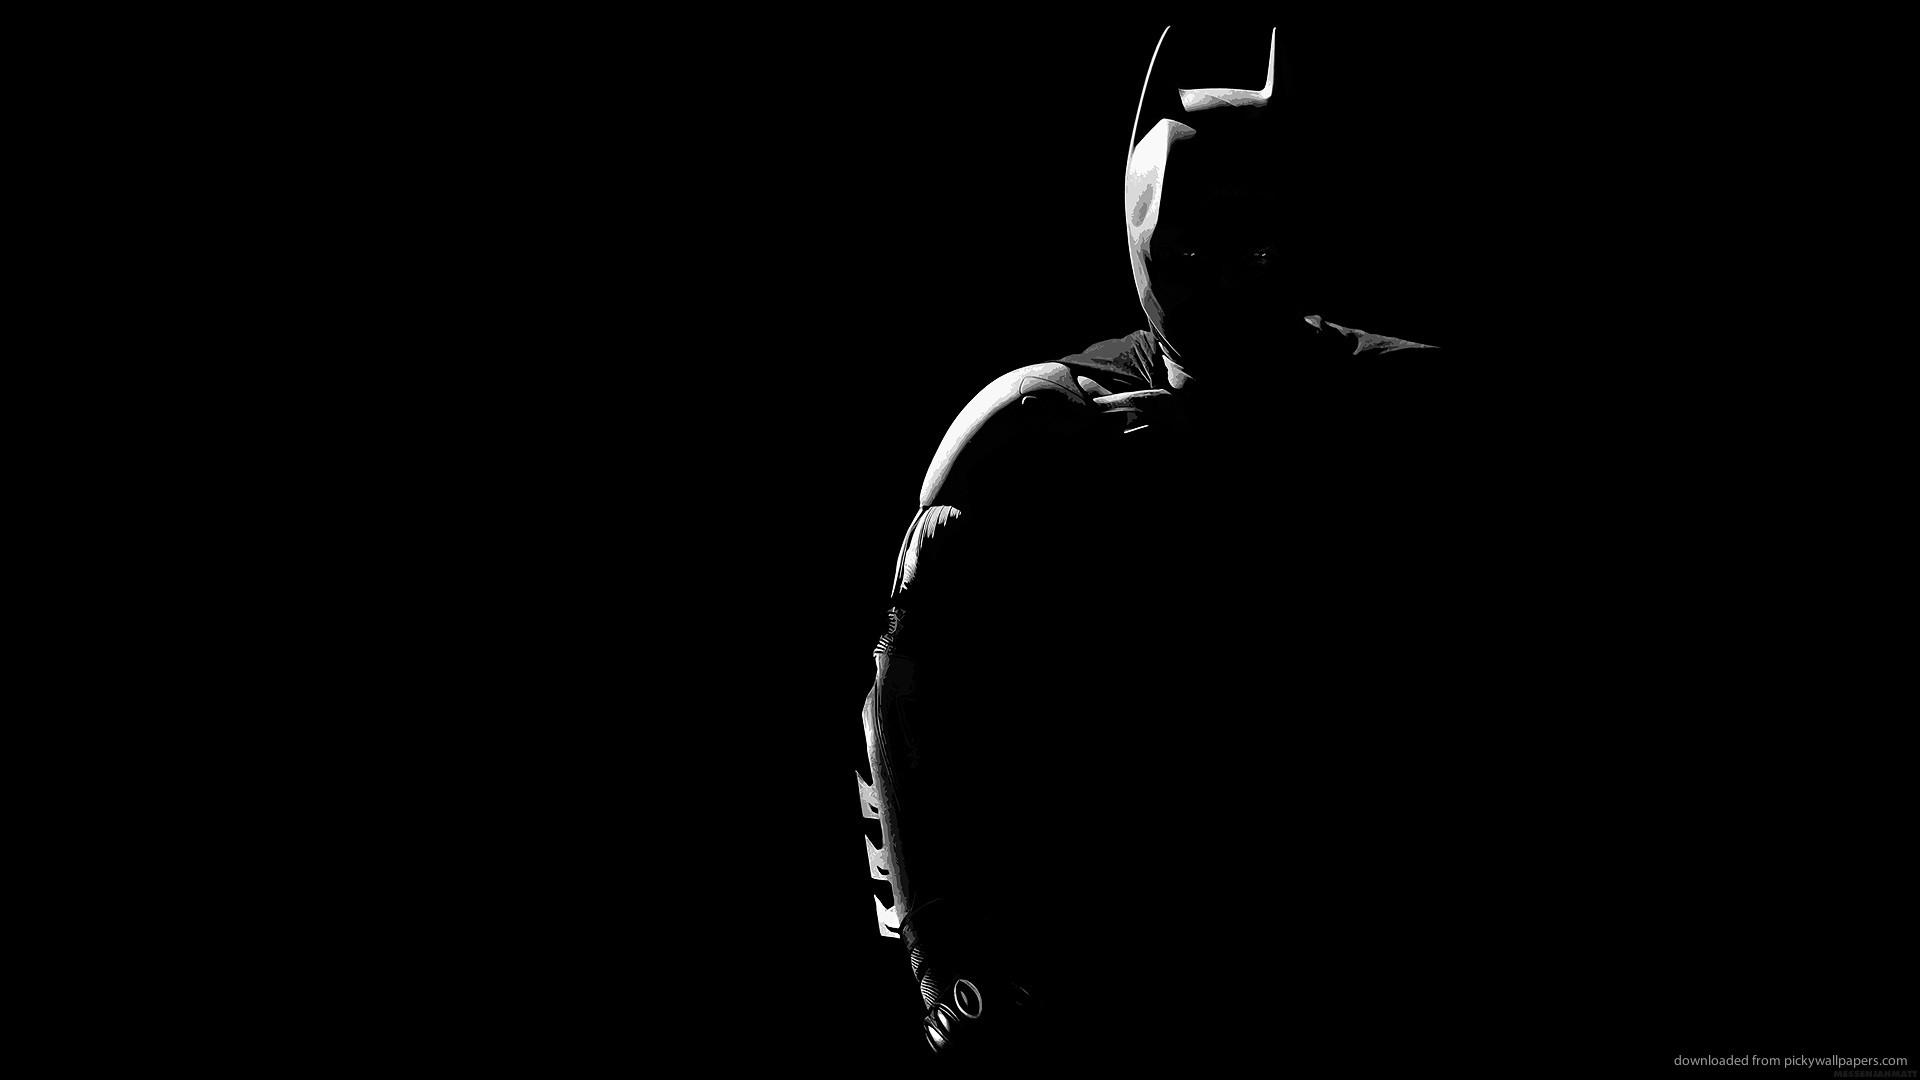 Batman silhouette picture